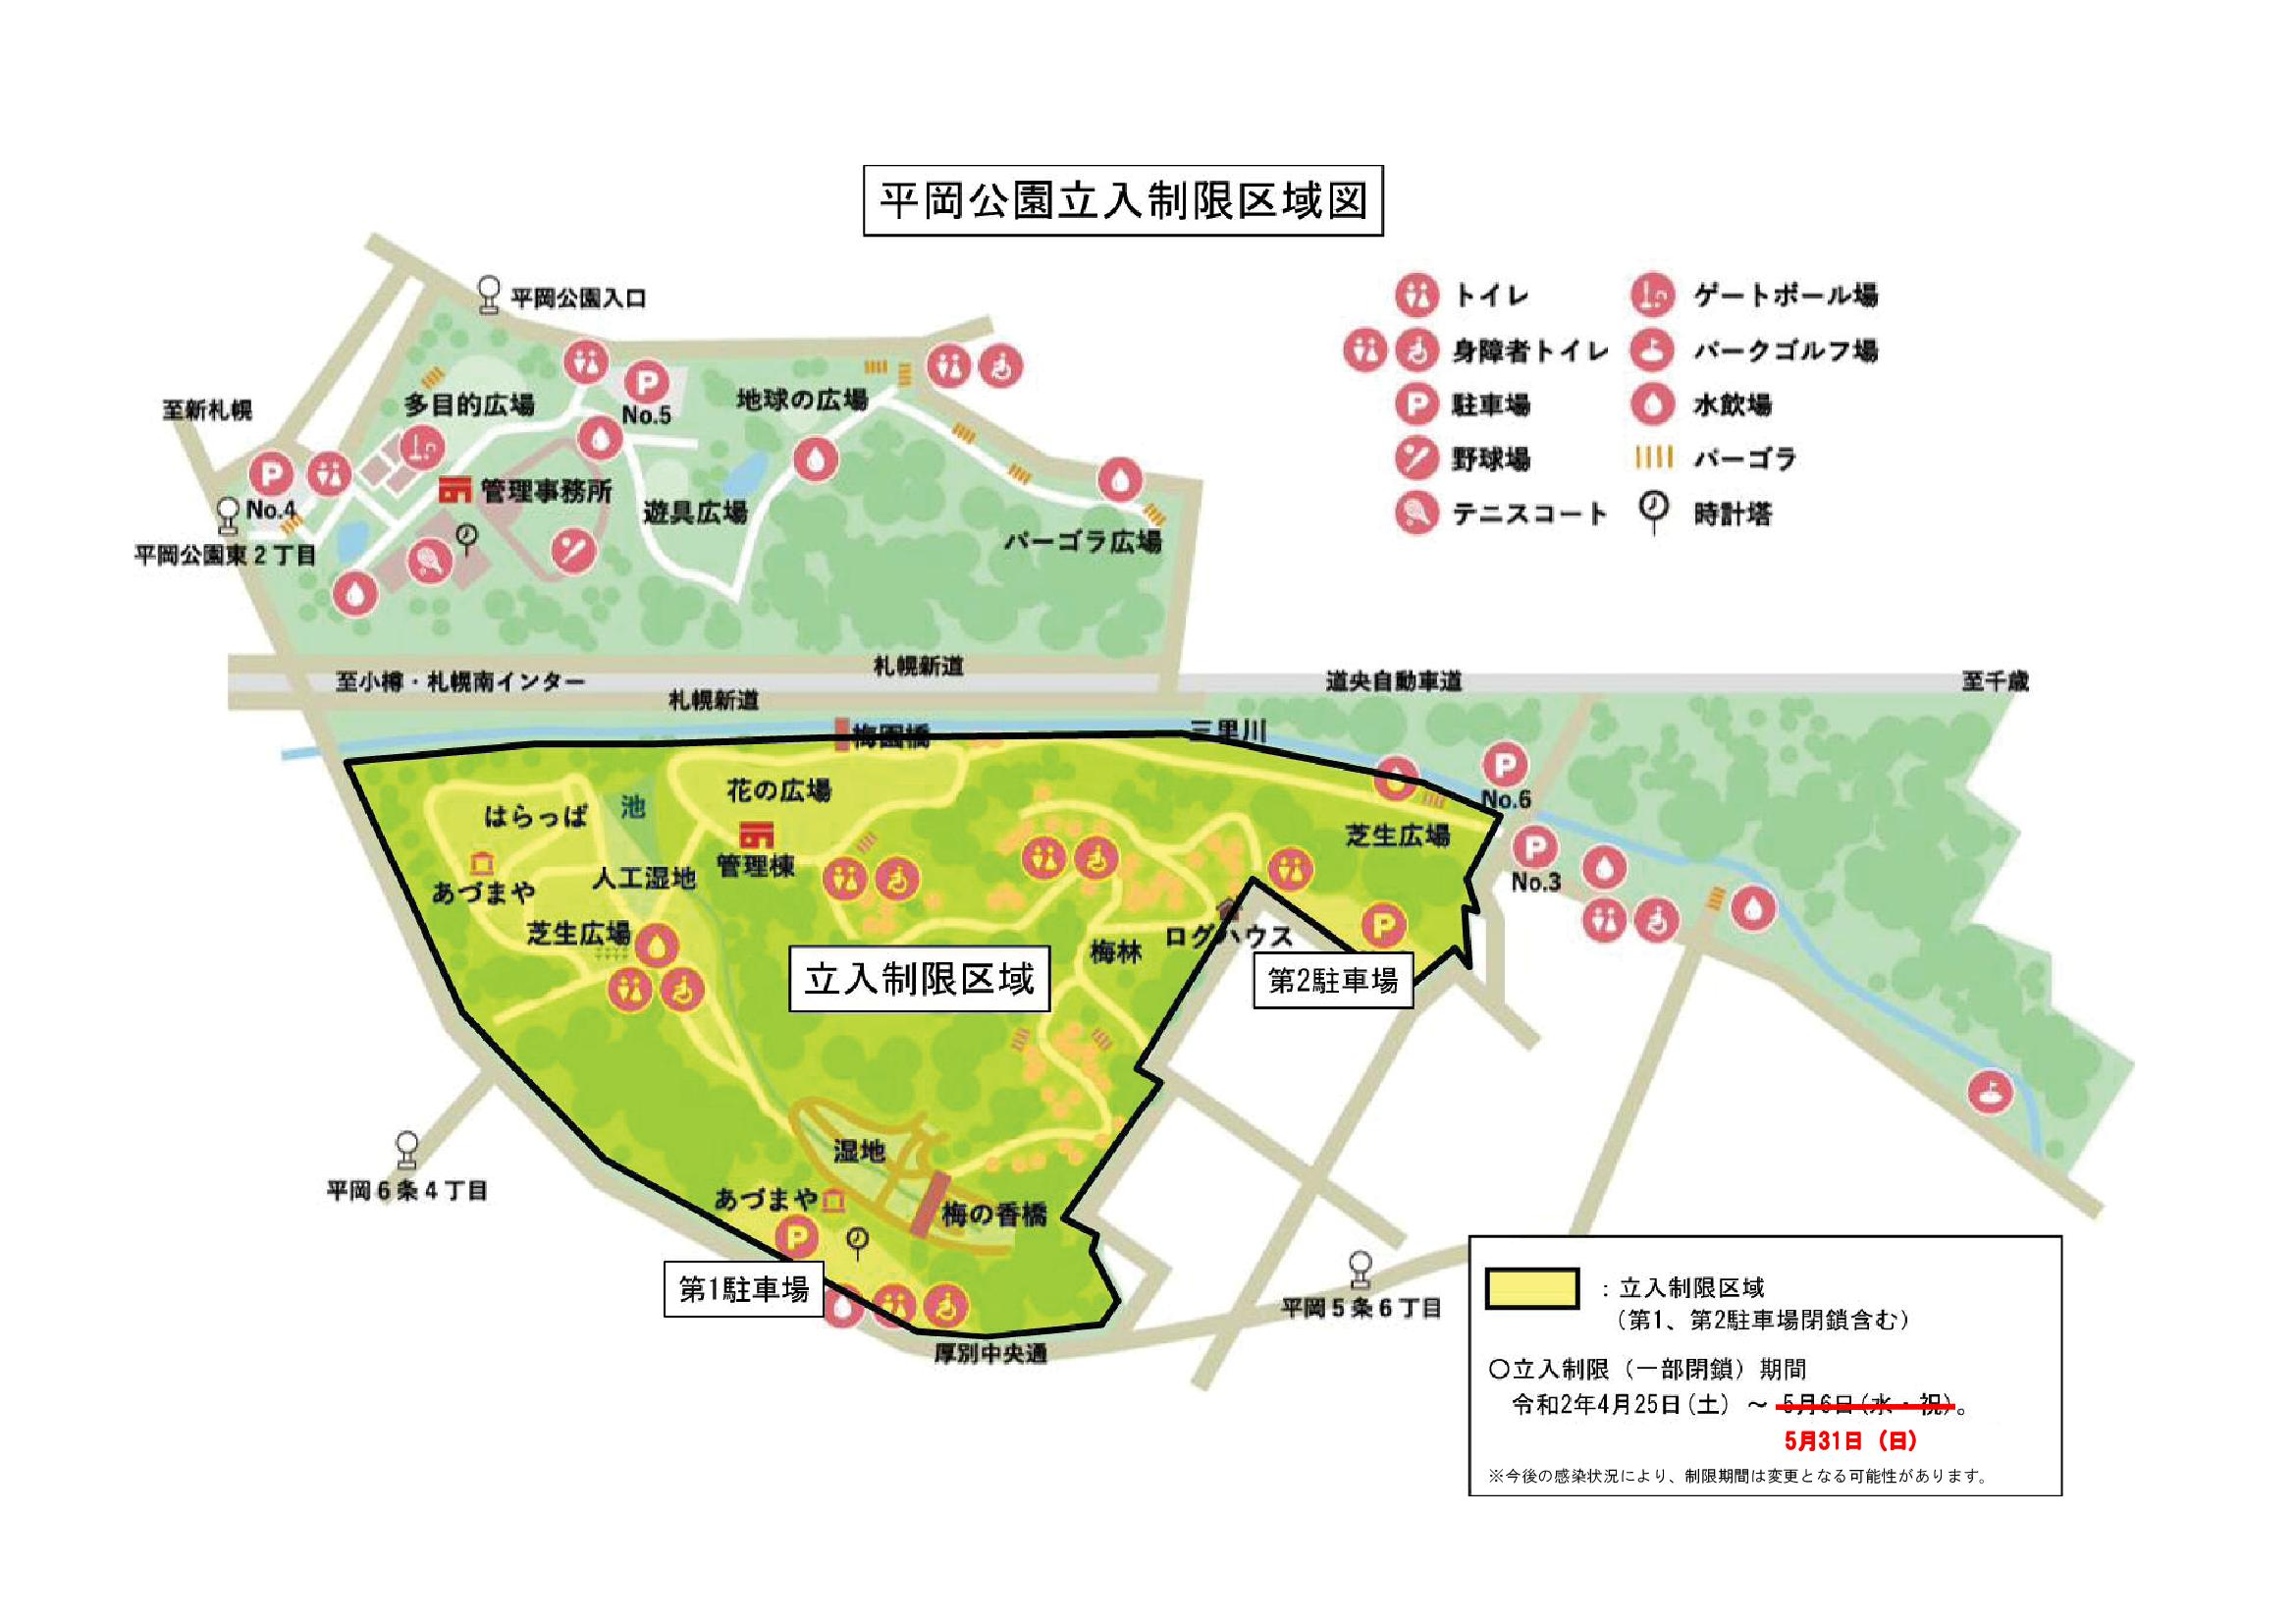 【再掲】平岡公園梅林(西地区)立入制限について(期間が延長となります)